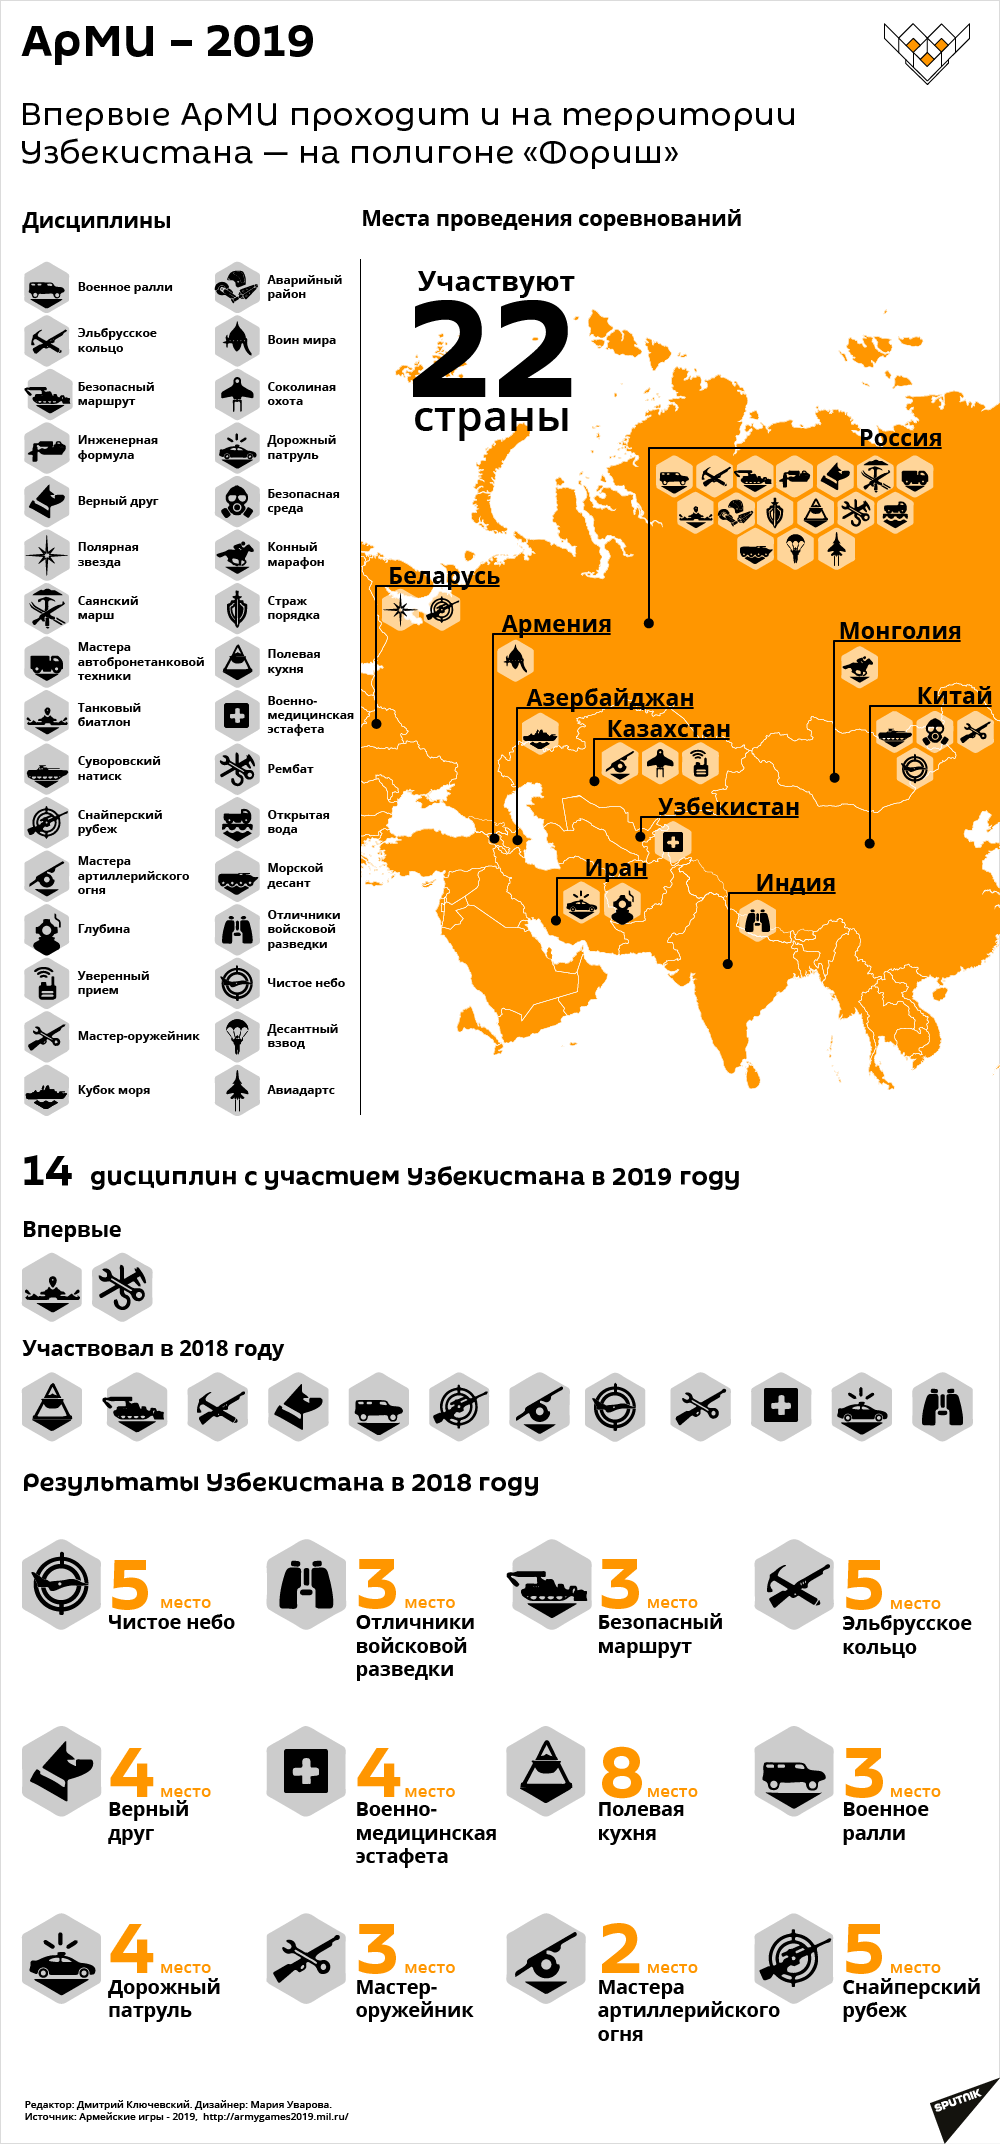 Узбекистан на АрМИ-2019 - Sputnik Узбекистан